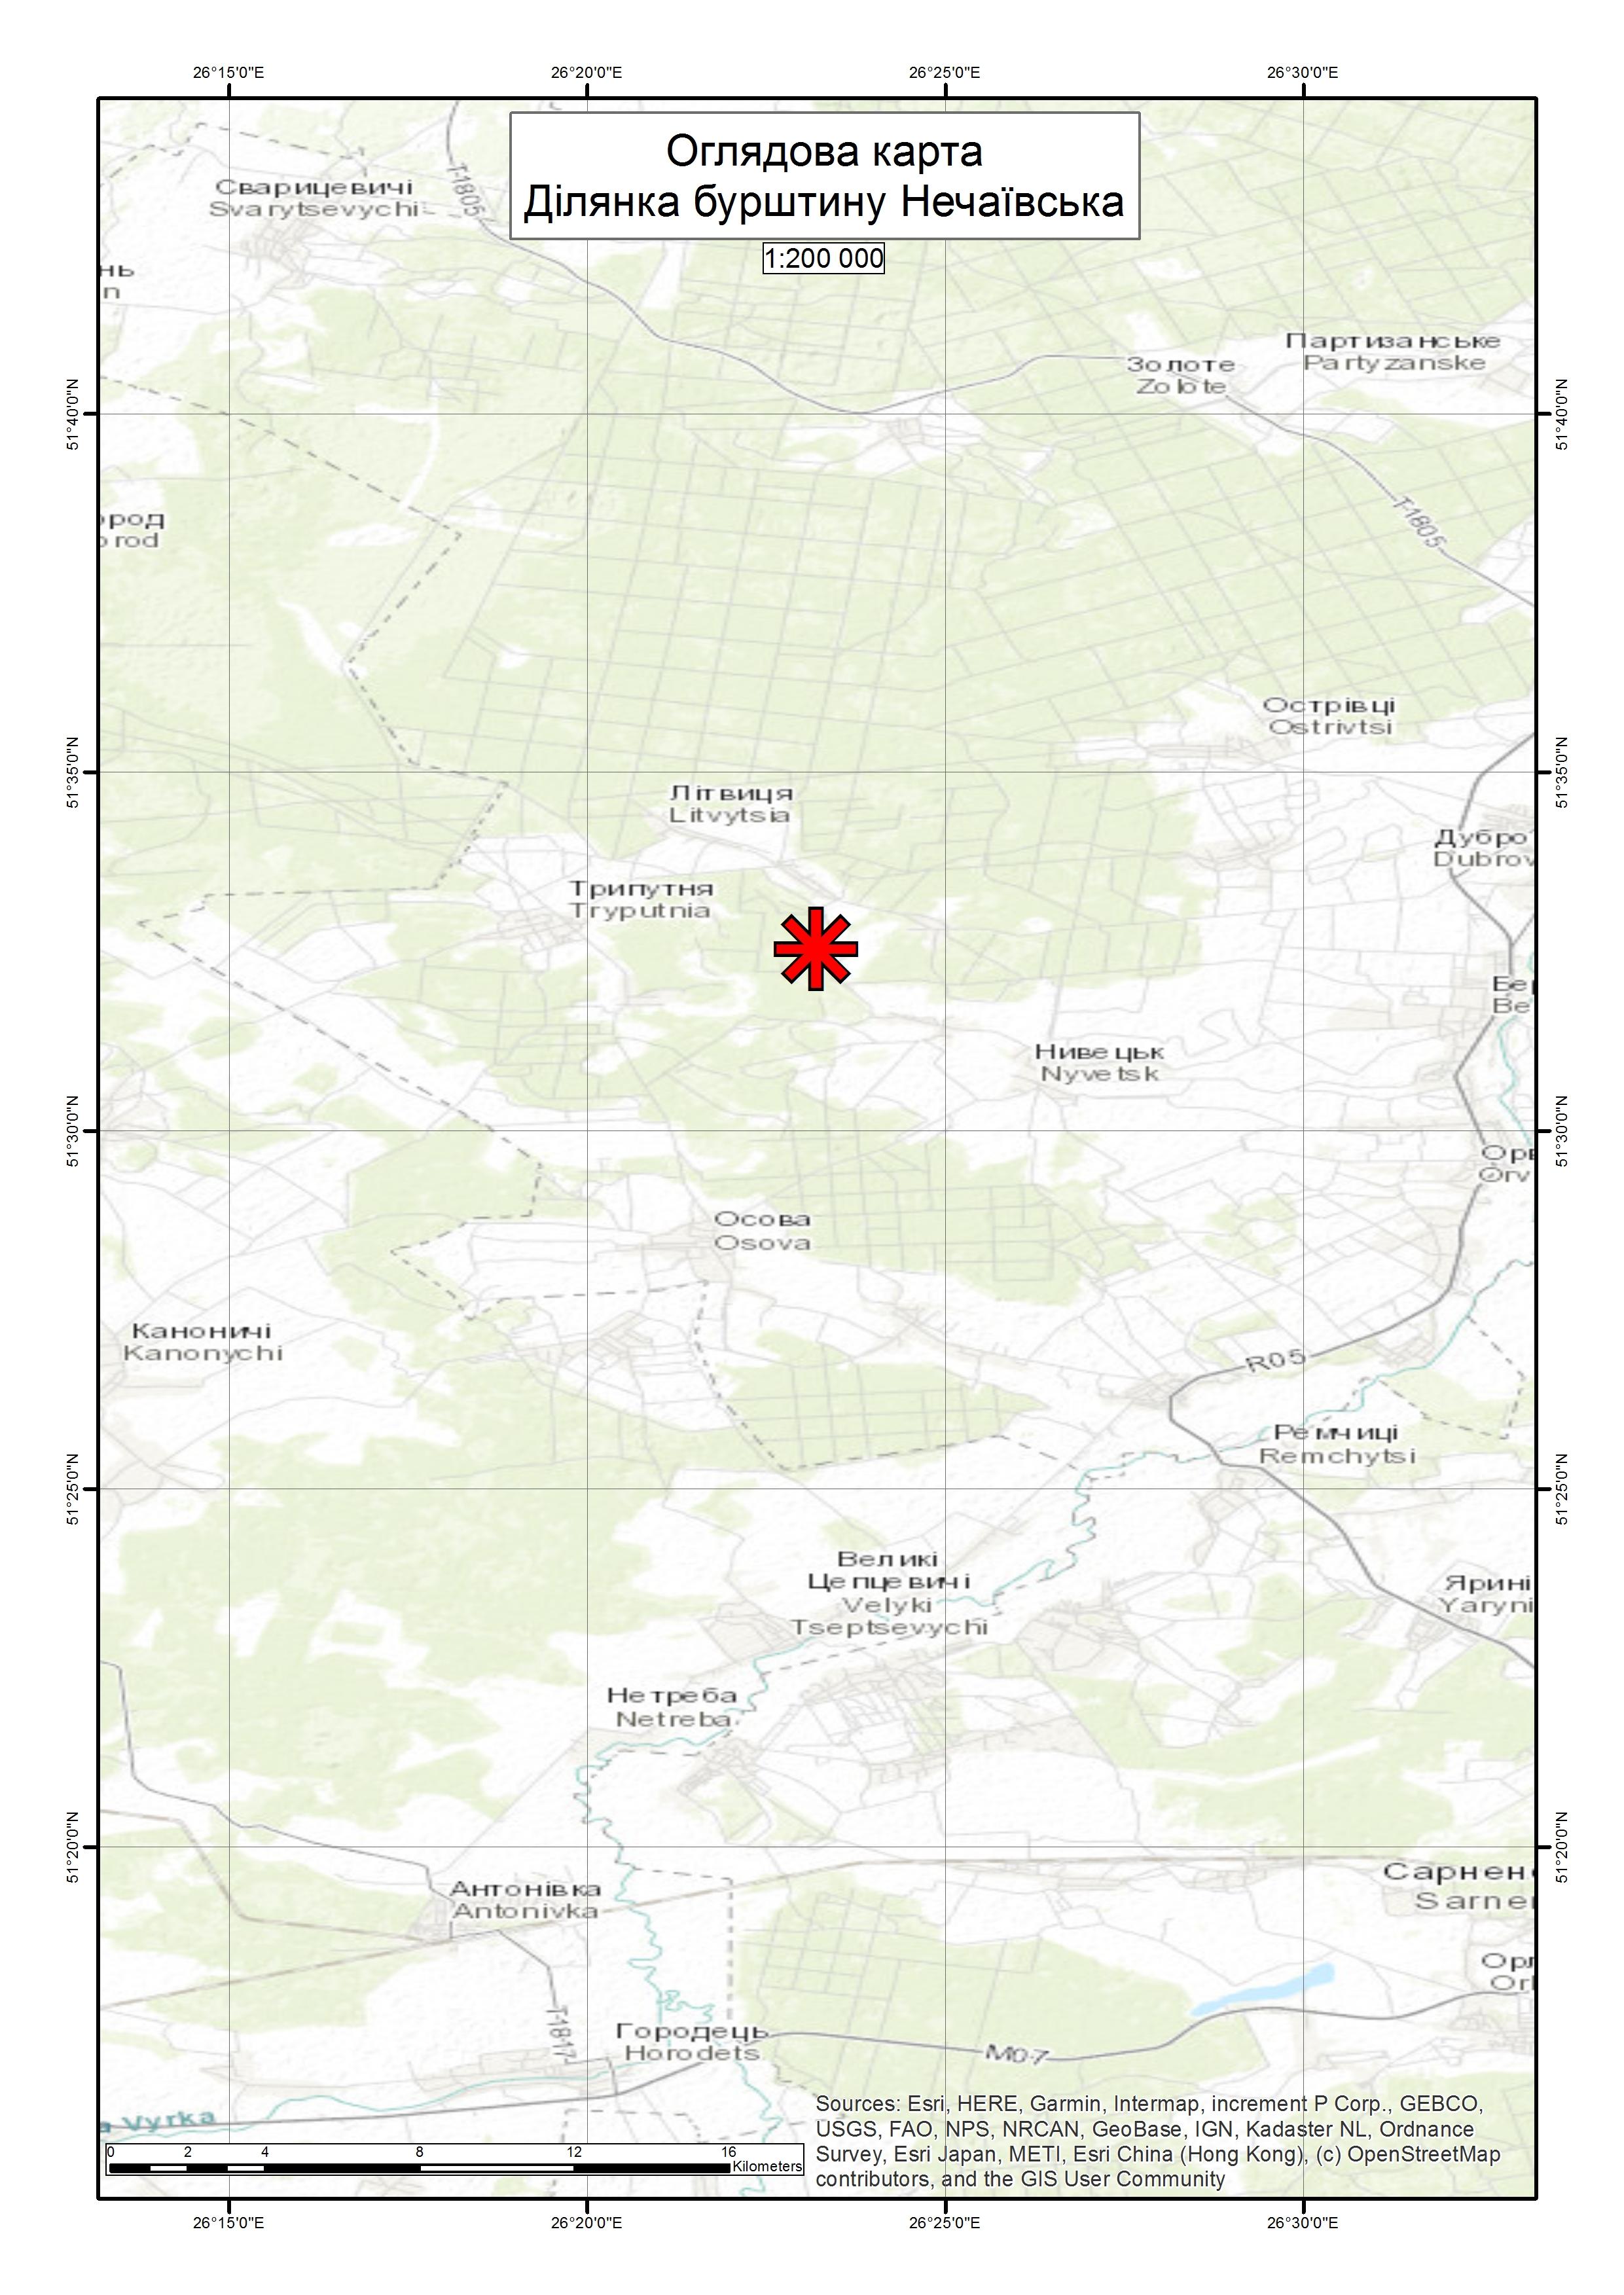 Спеціальний дозвіл на користування надрами – Ділянка Нечаївська. Вартість геологічної інформації – 95 812,35 грн (з ПДВ). Вартість пакету аукціонної документації – 10 438,27 грн (з ПДВ).